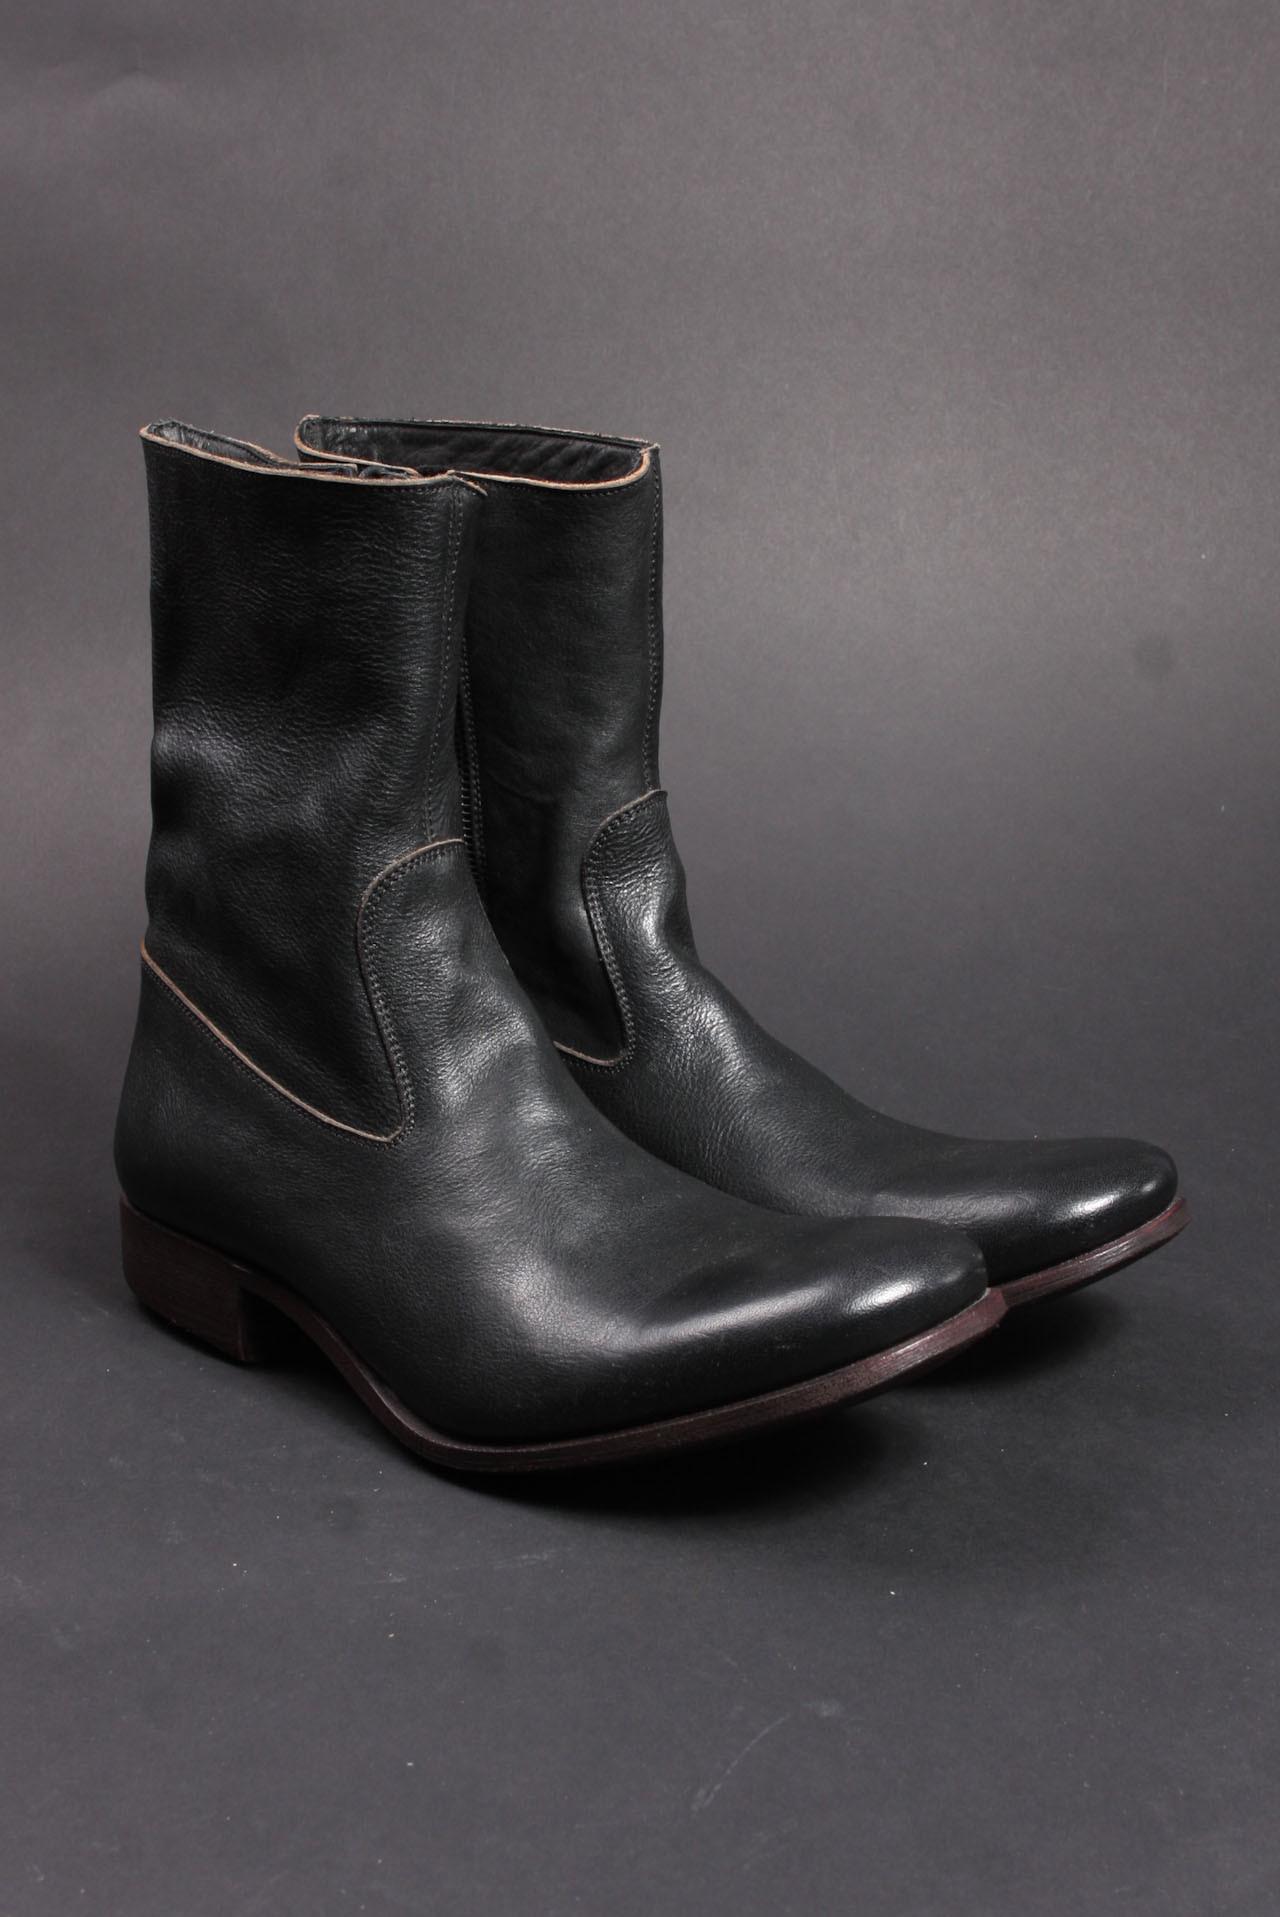 Carpe Diem side zip shoes